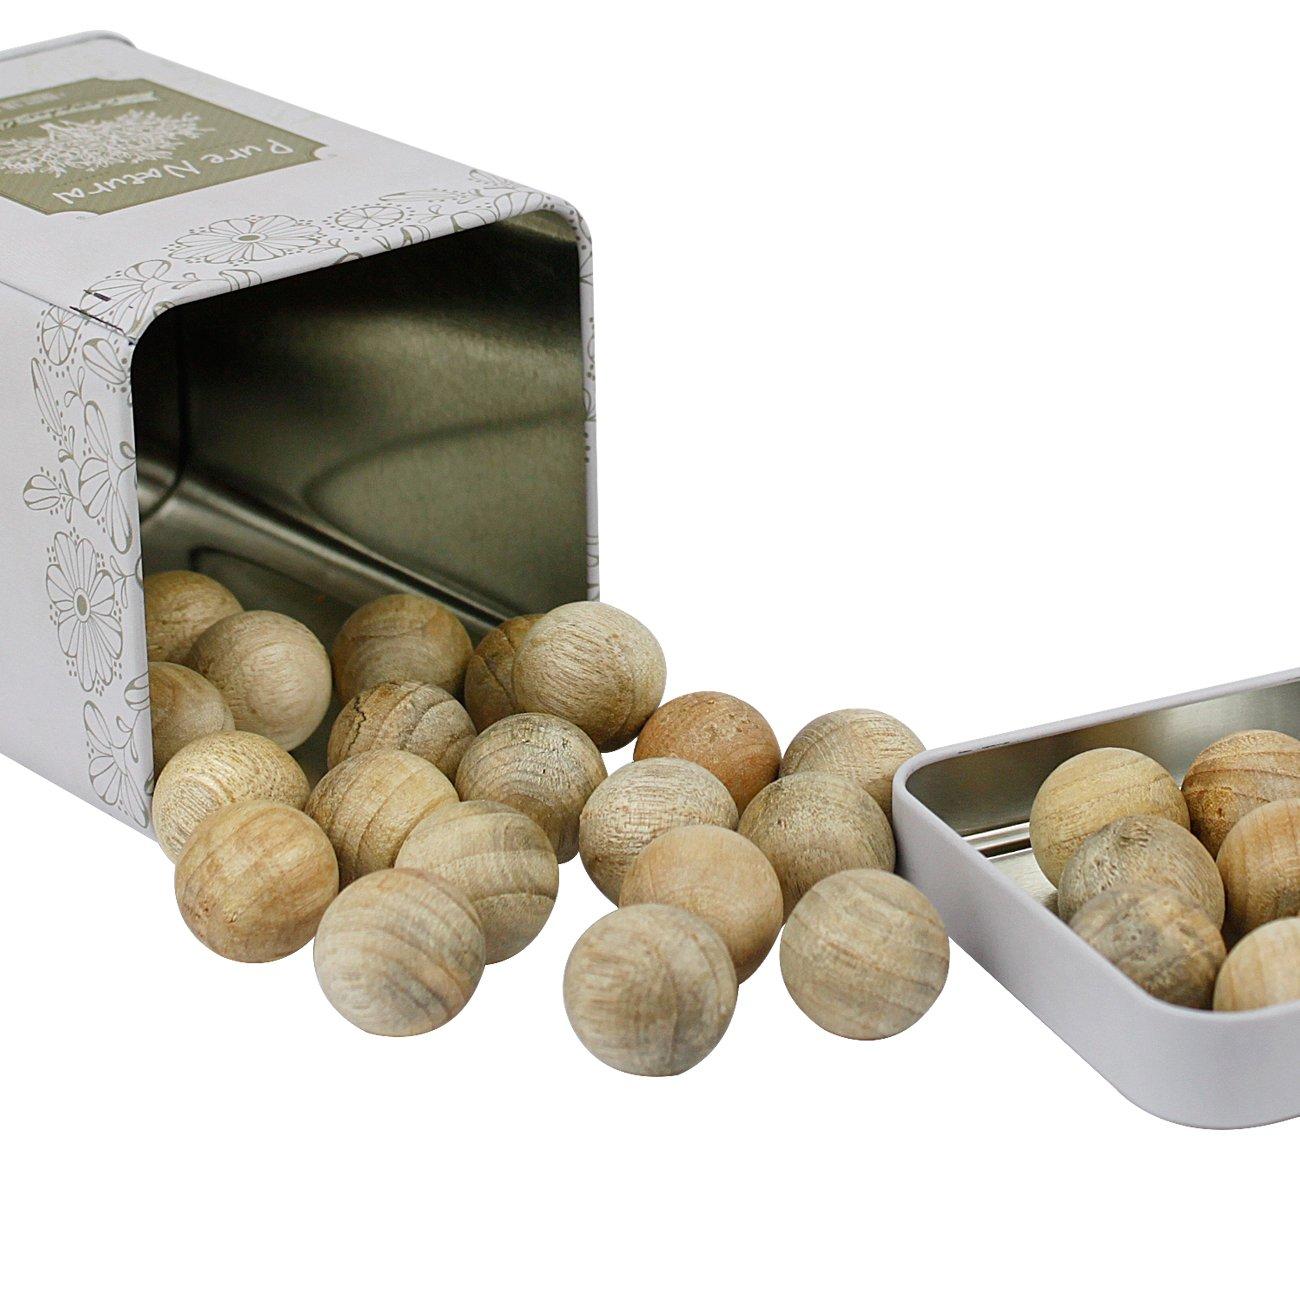 鑫冠 香樟木 百年红樟纯天然木球 60粒 替代樟脑丸 出口品质【享